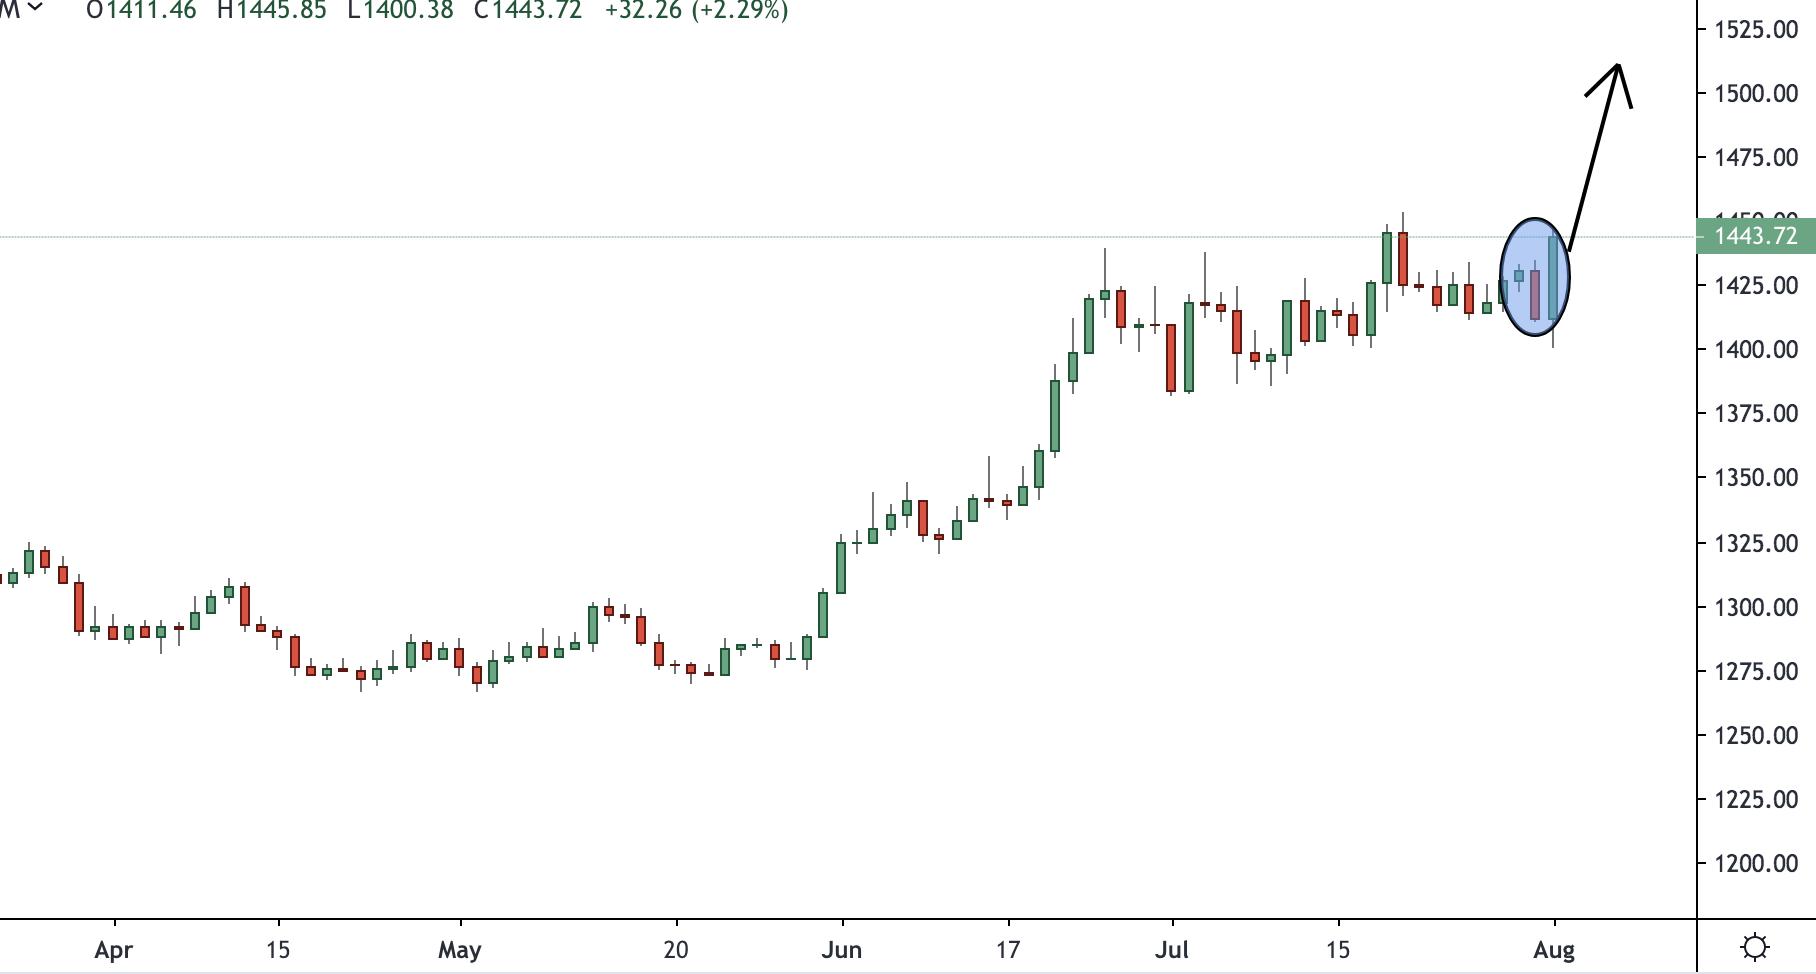 Gold Trading Analysis